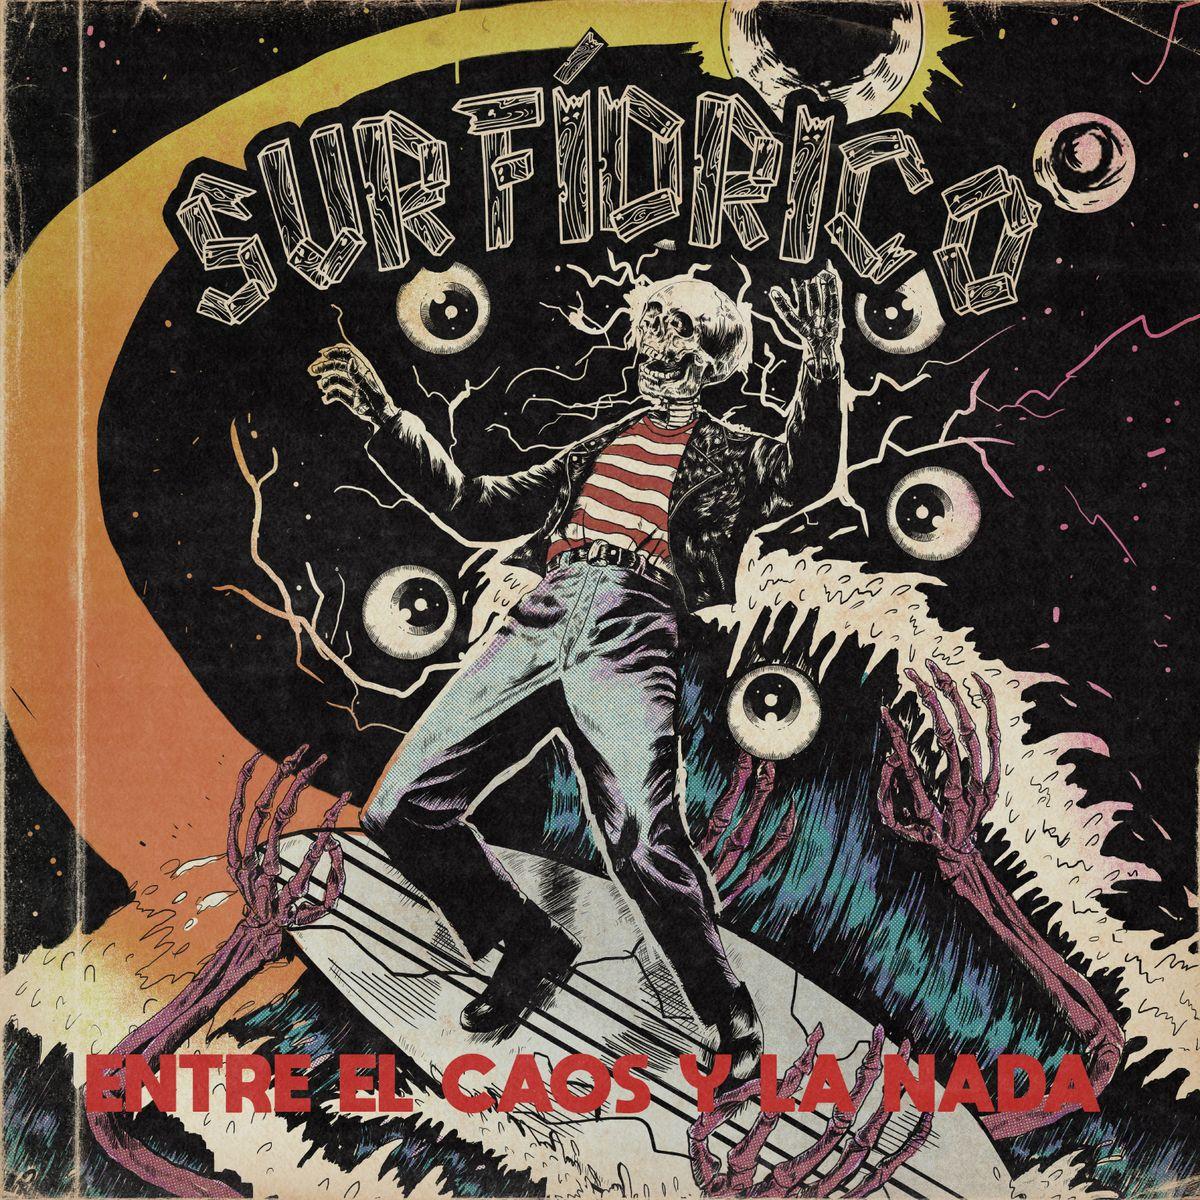 Surfídrico Entre el caos y la nada 2 - Surfídrico Surf'n Roll Medellín